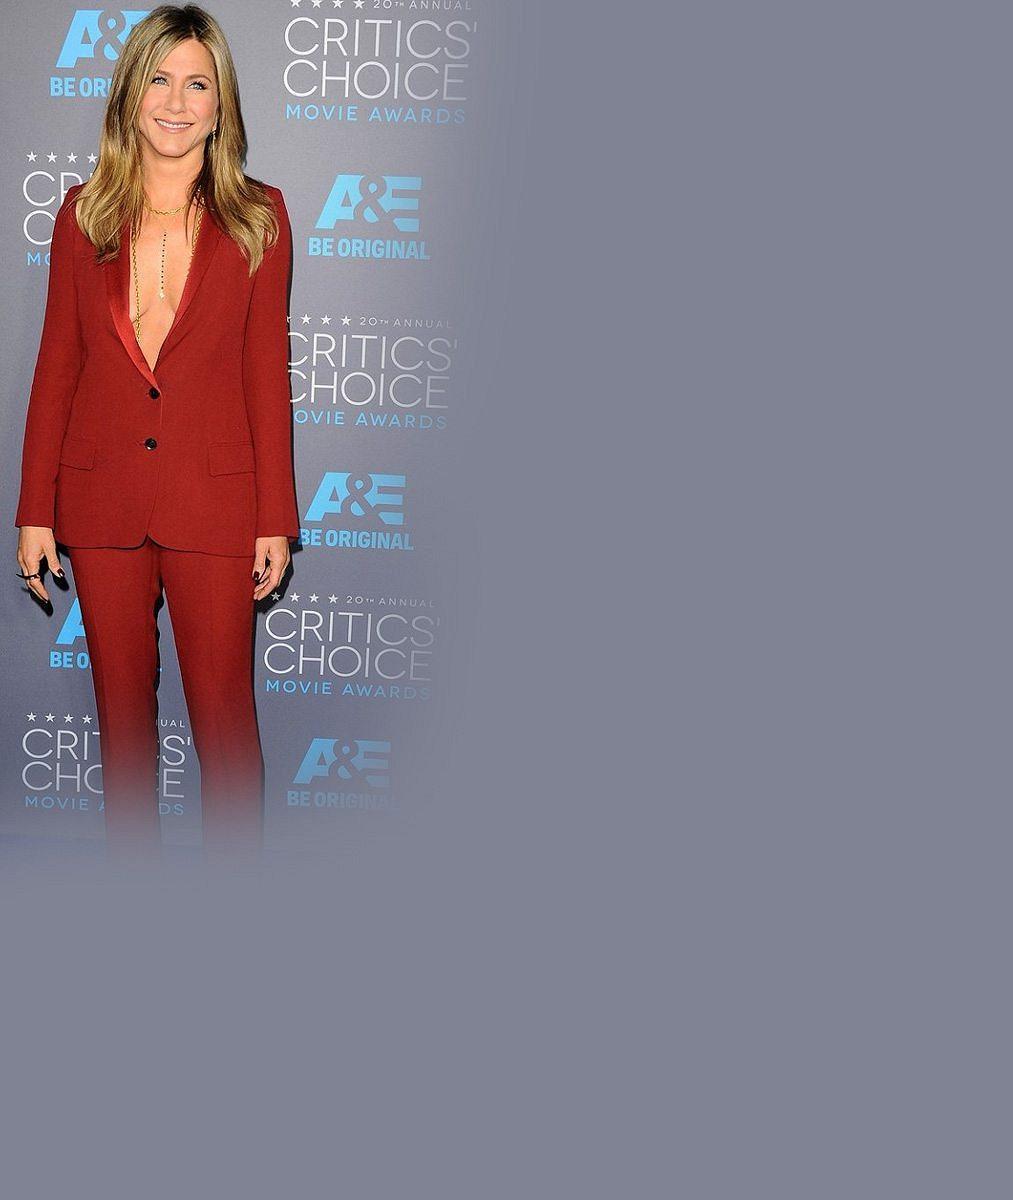 Jennifer Aniston si napravila reputaci: Tenhle výstřih už rozhodně unaveně nepůsobí